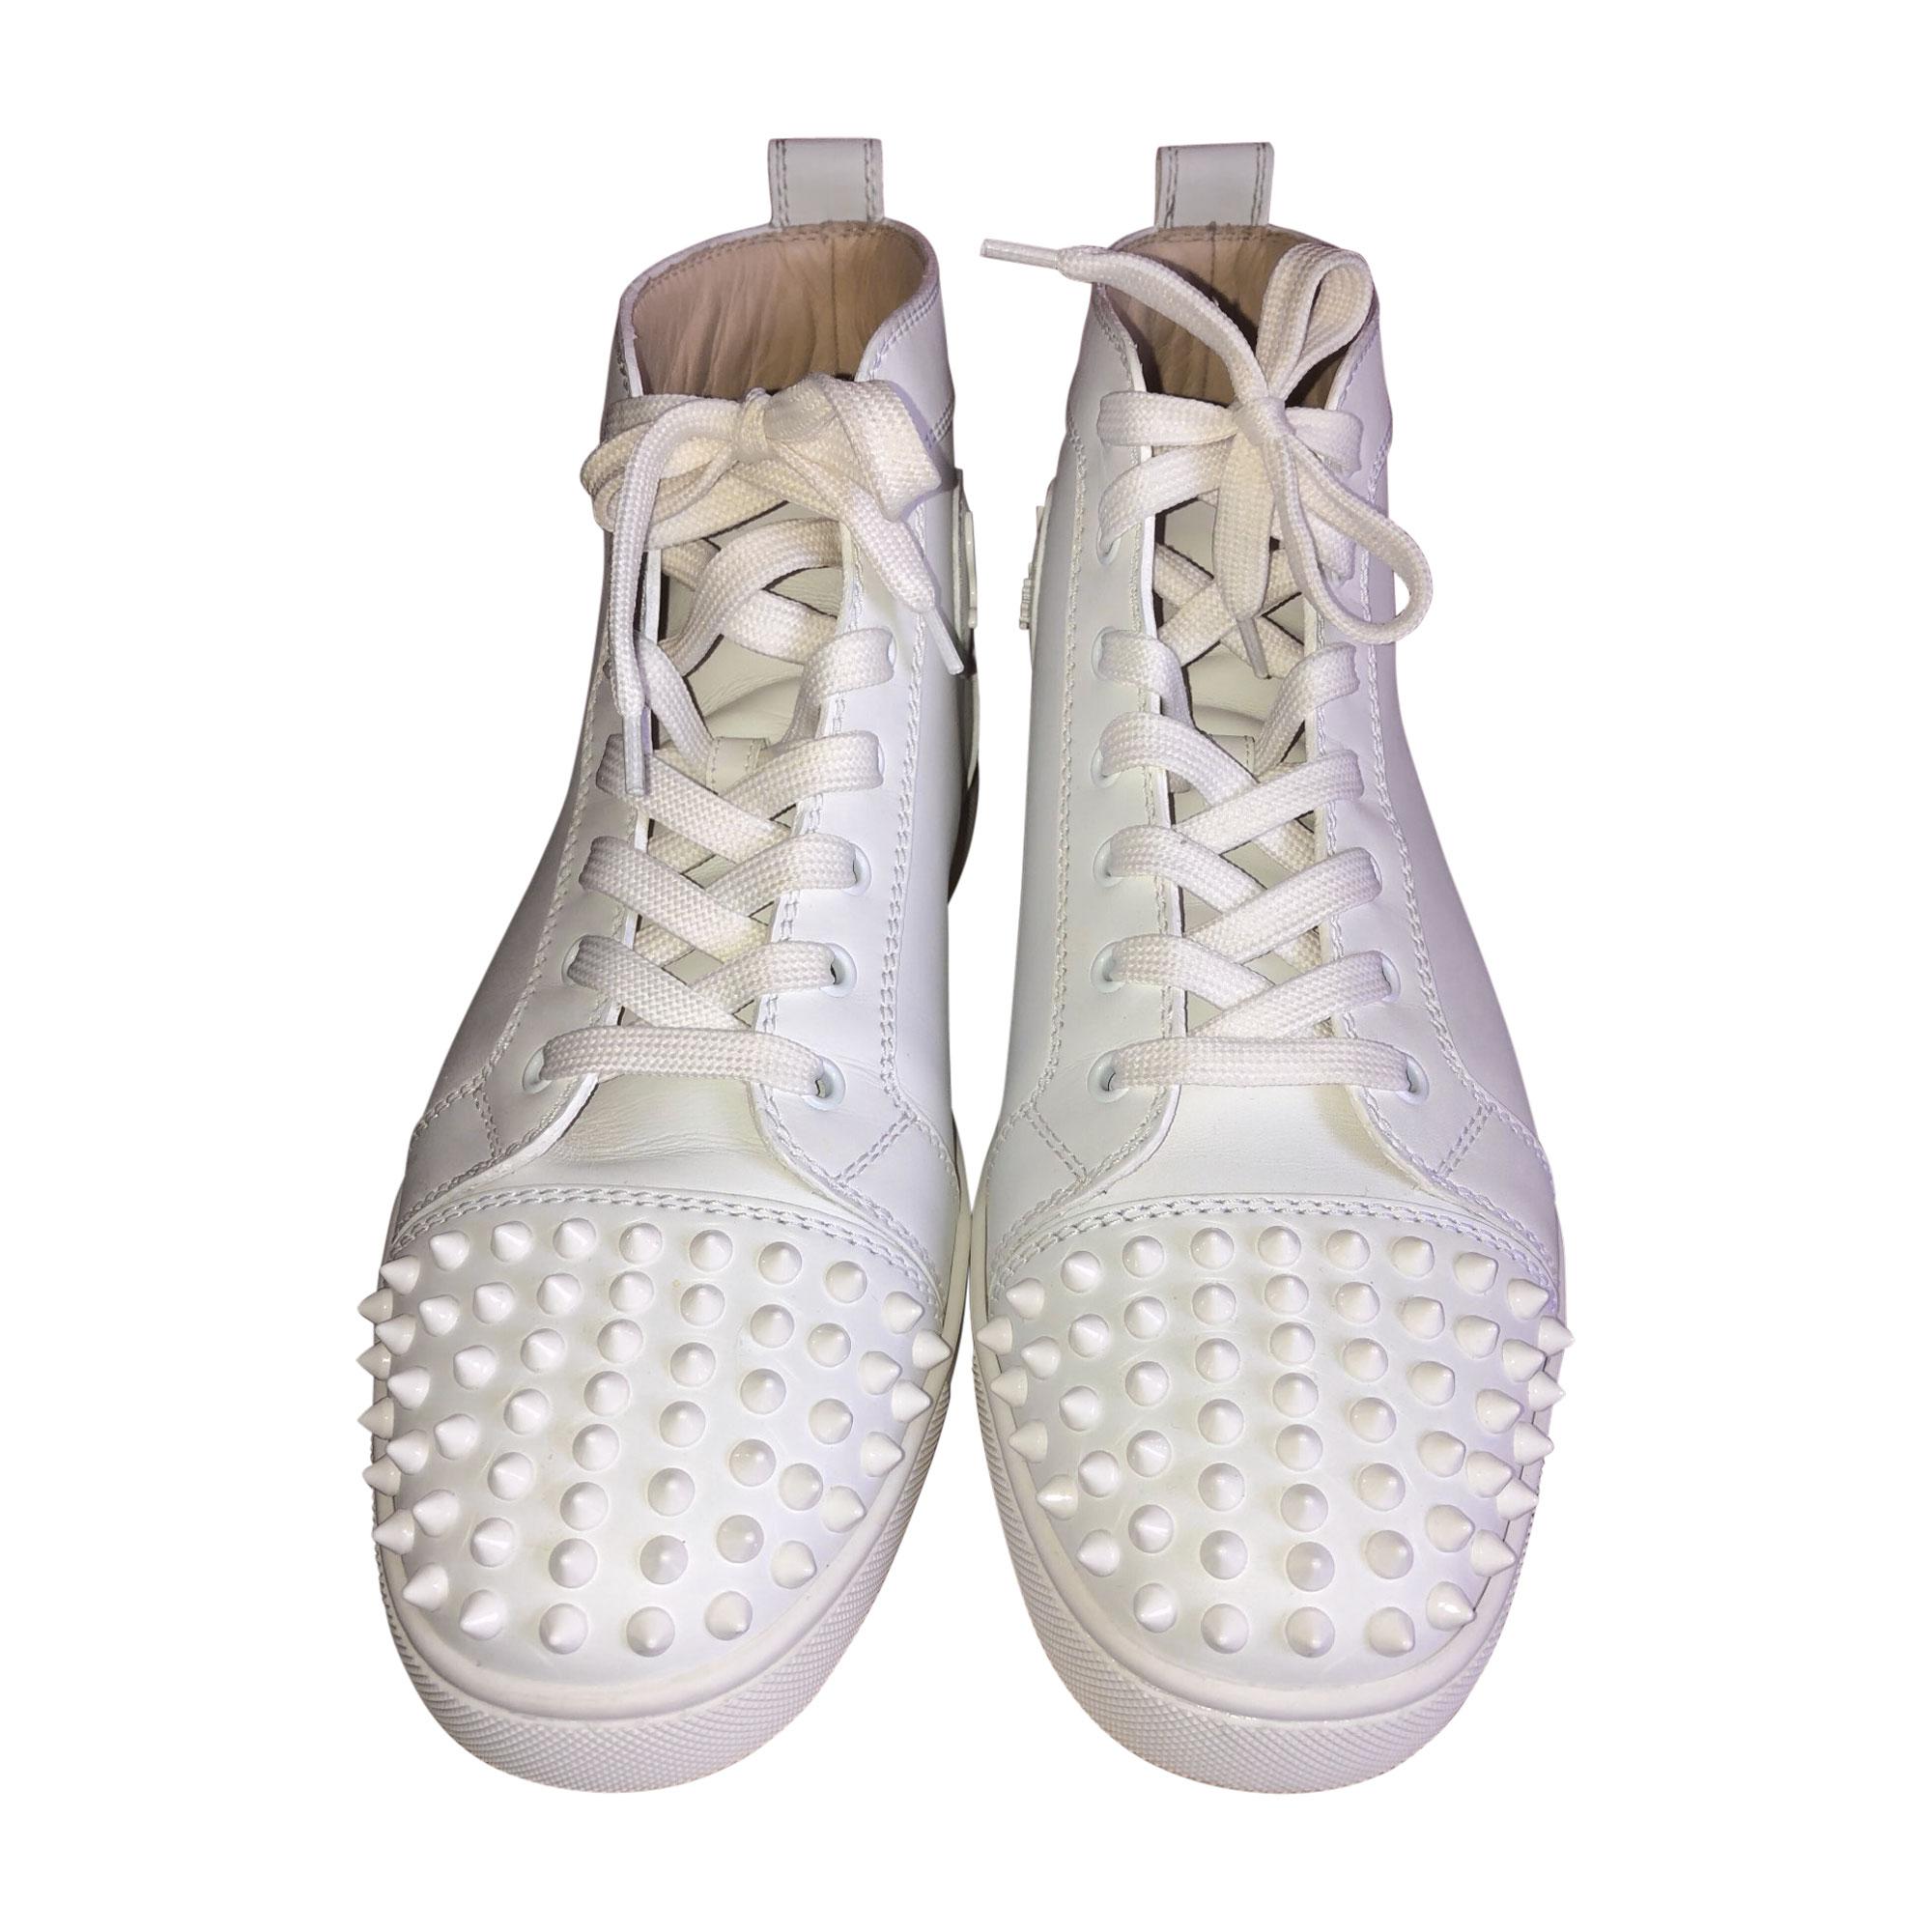 Sneakers CHRISTIAN LOUBOUTIN White, off-white, ecru